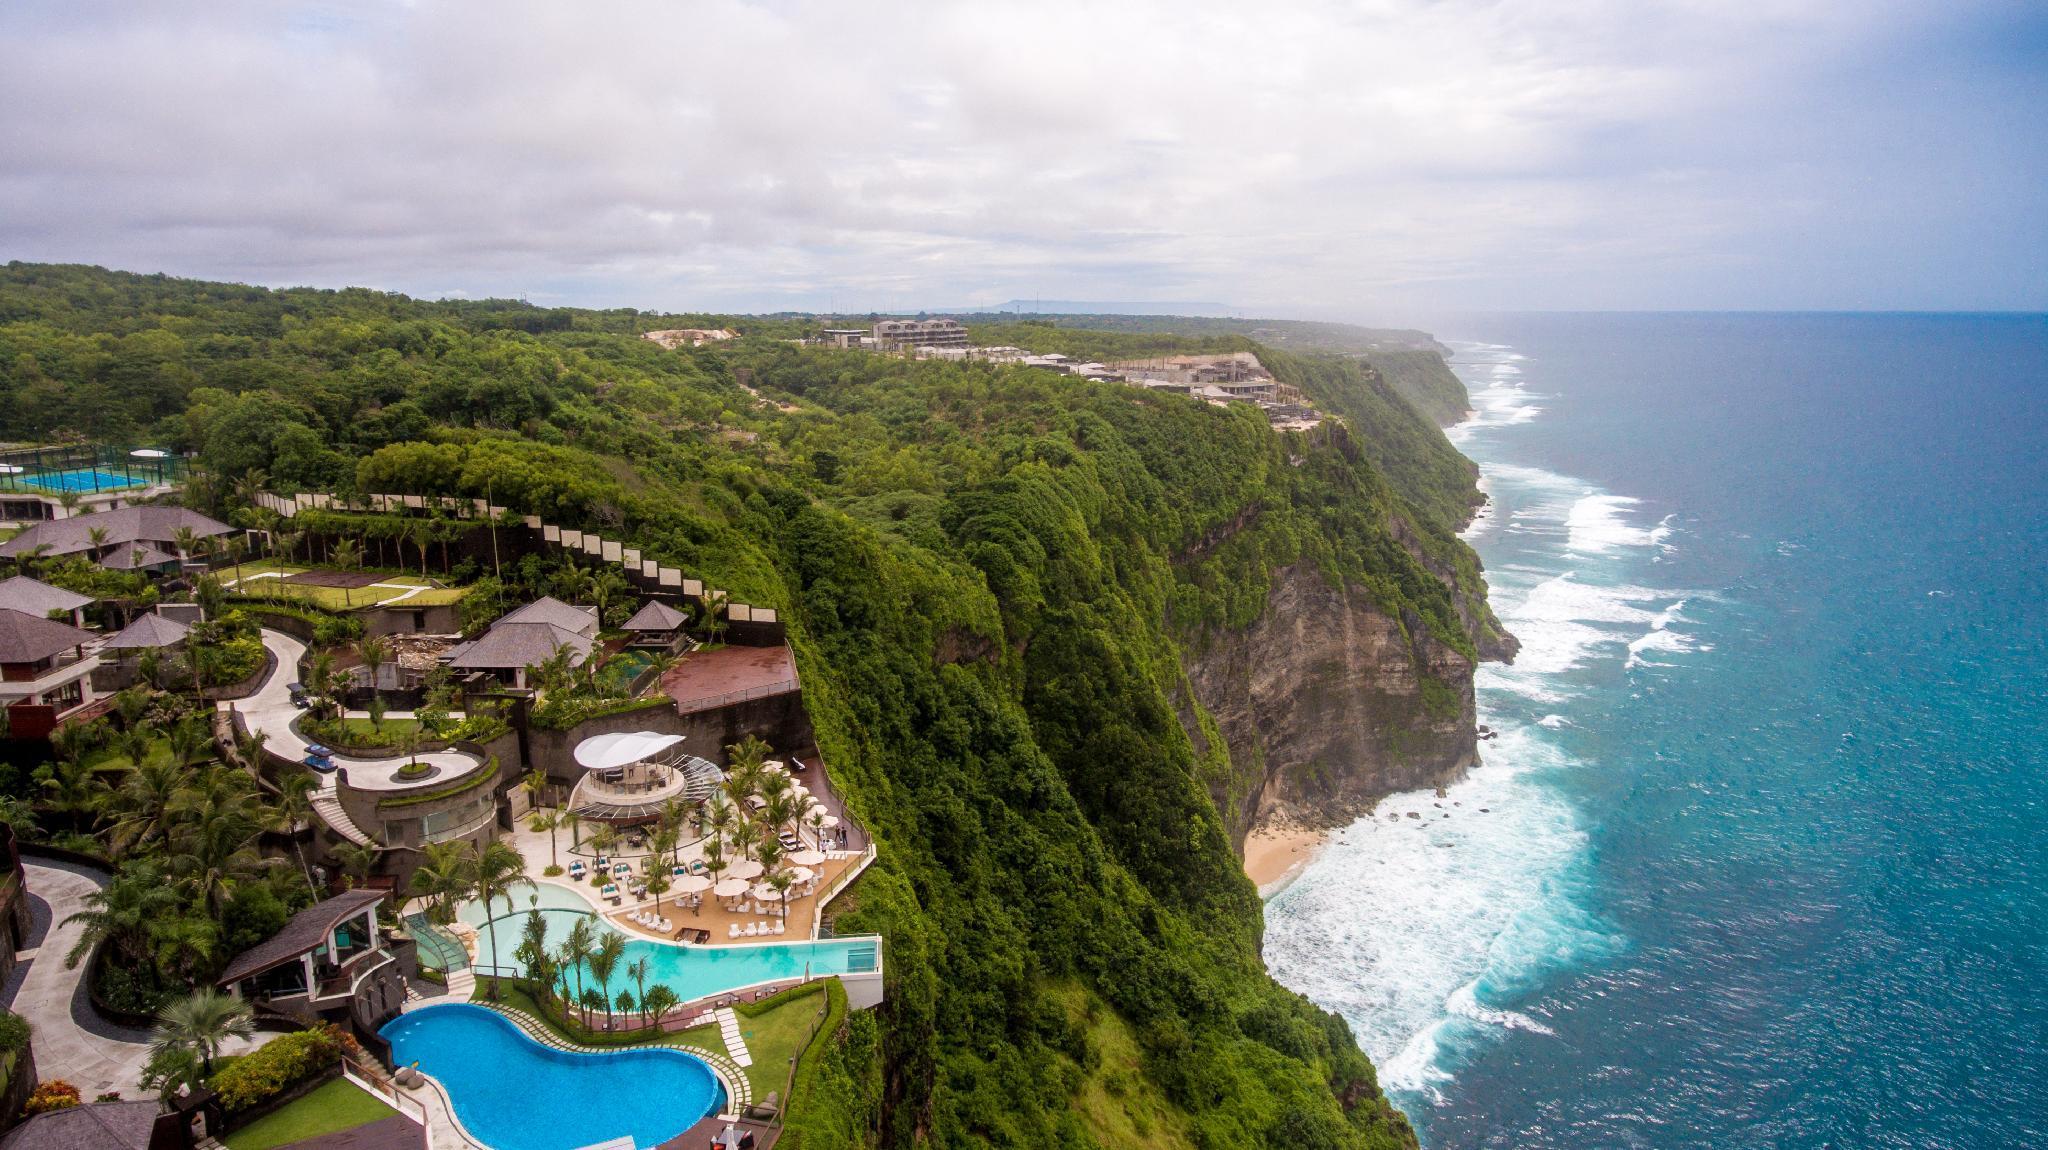 The Edge Bali Villa